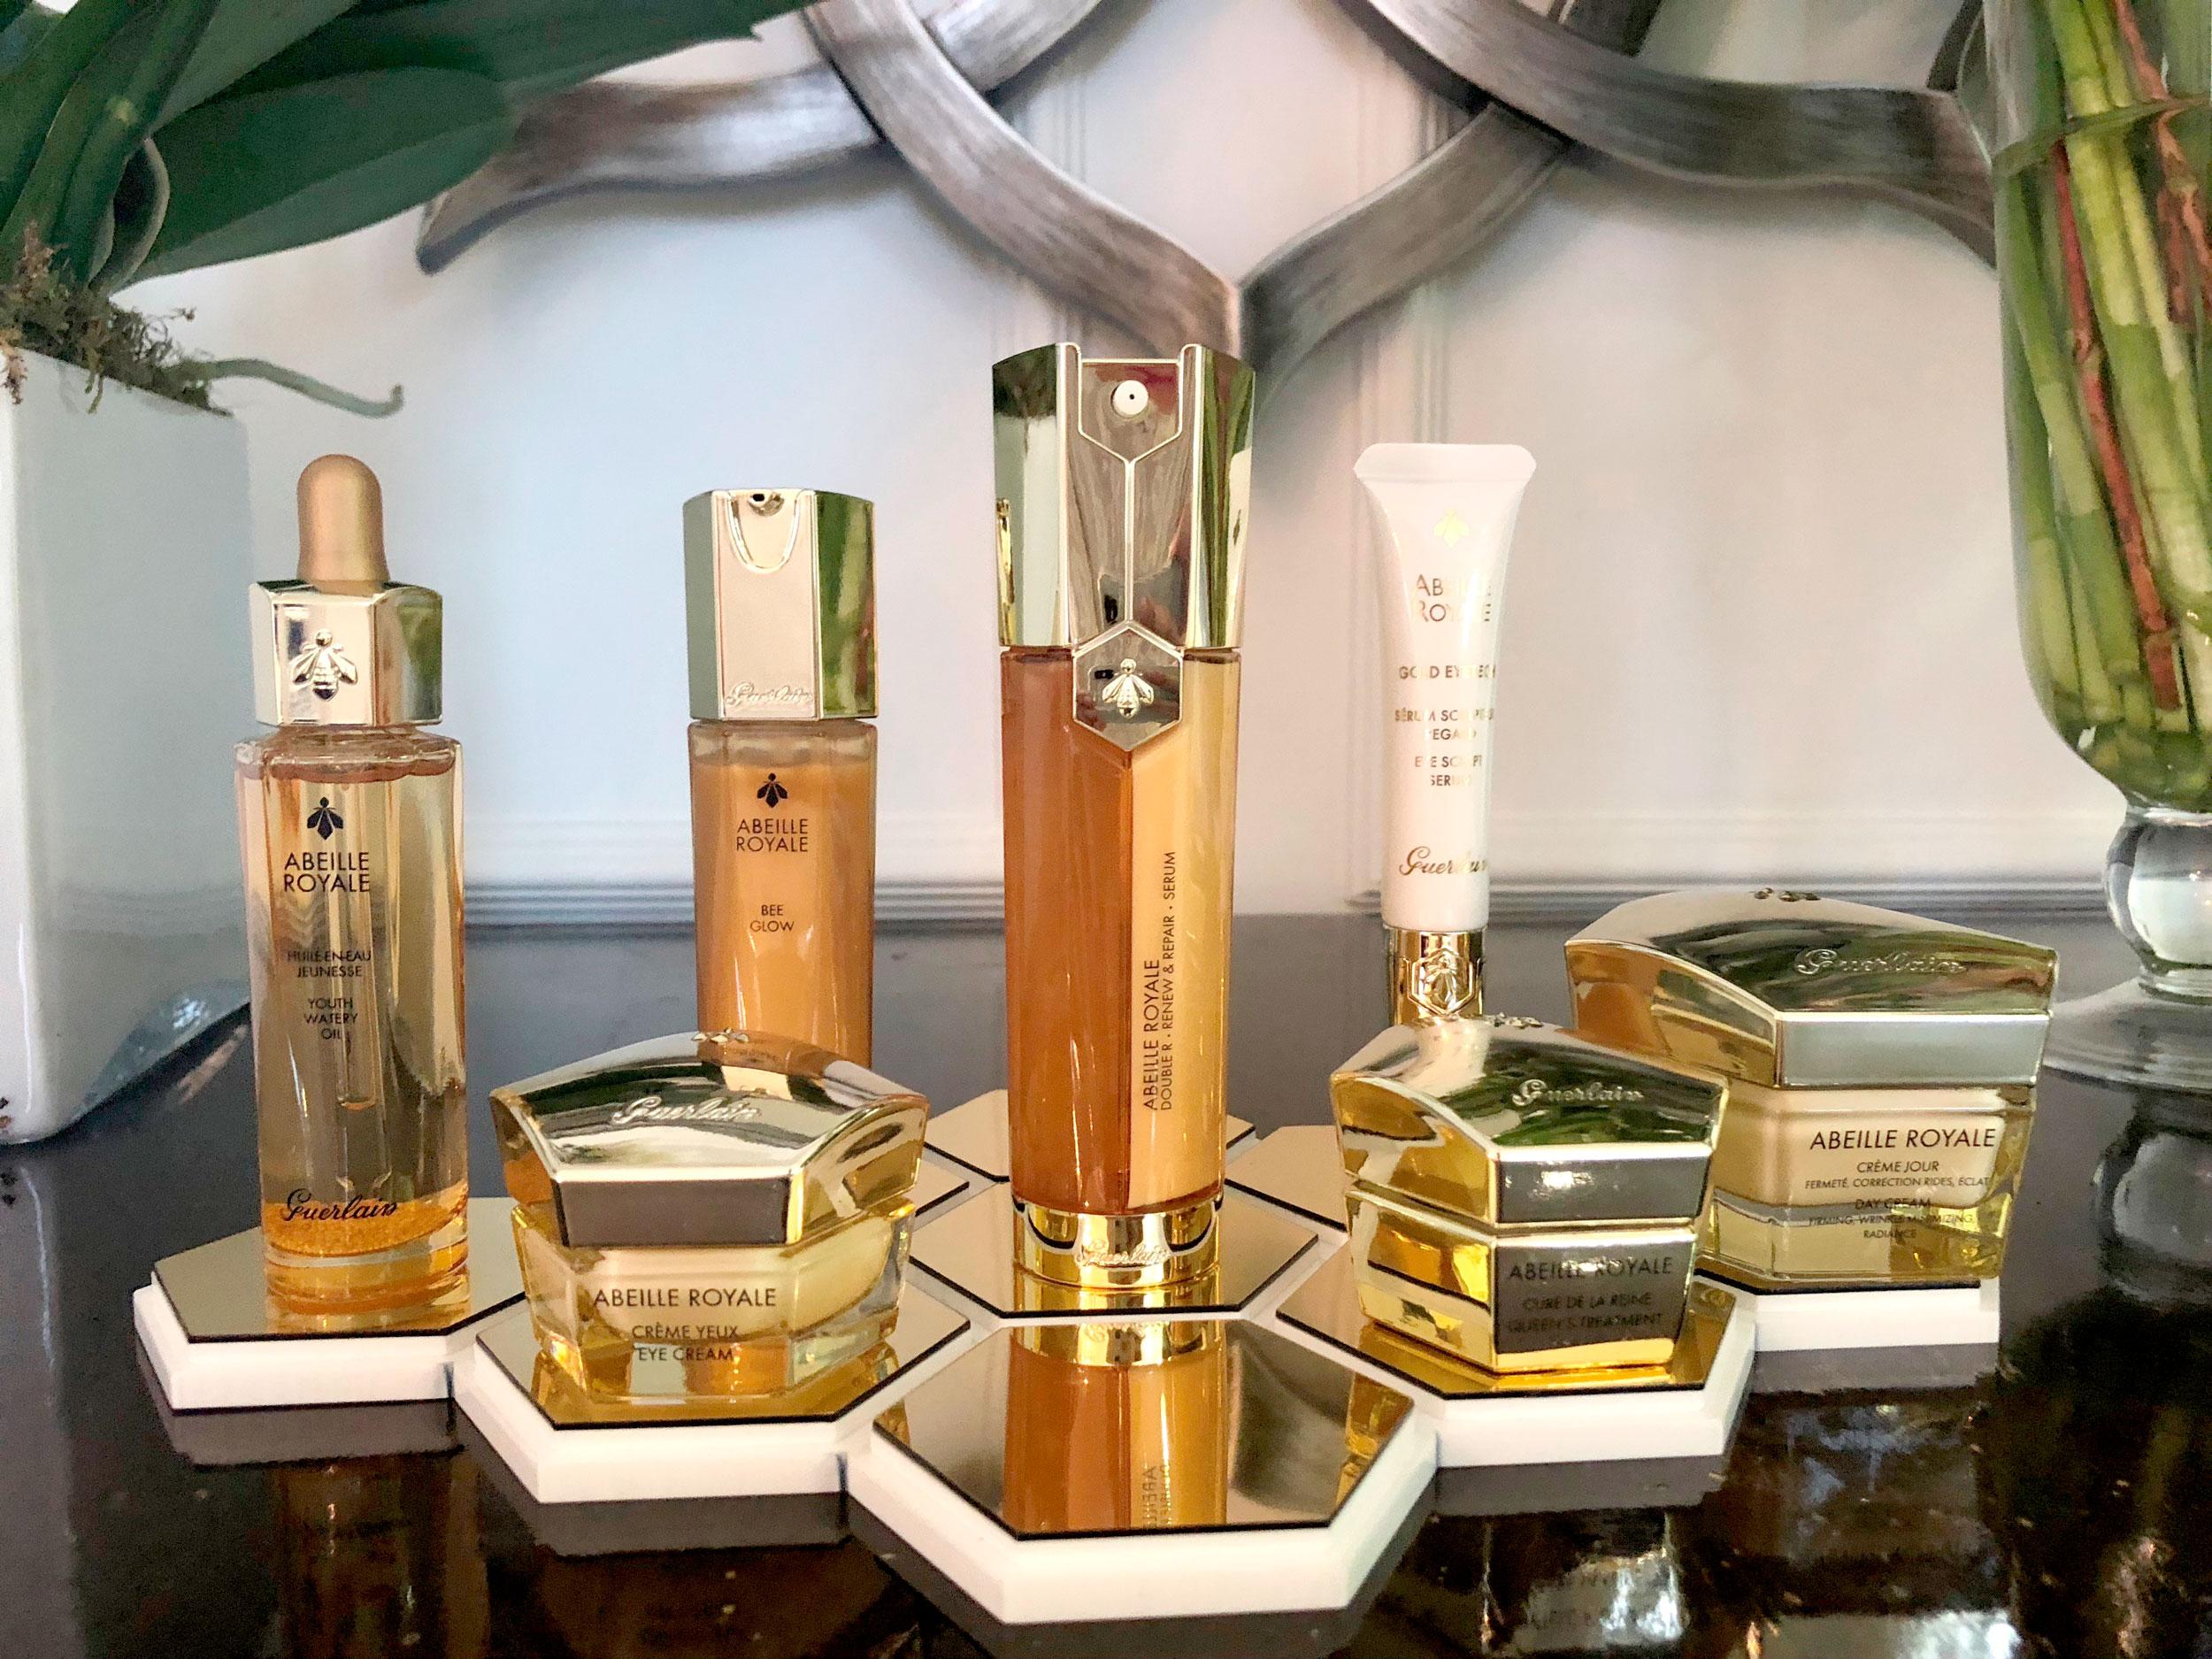 Línea de productos Abeille Royale de Guerlain en la presentación de Madrid